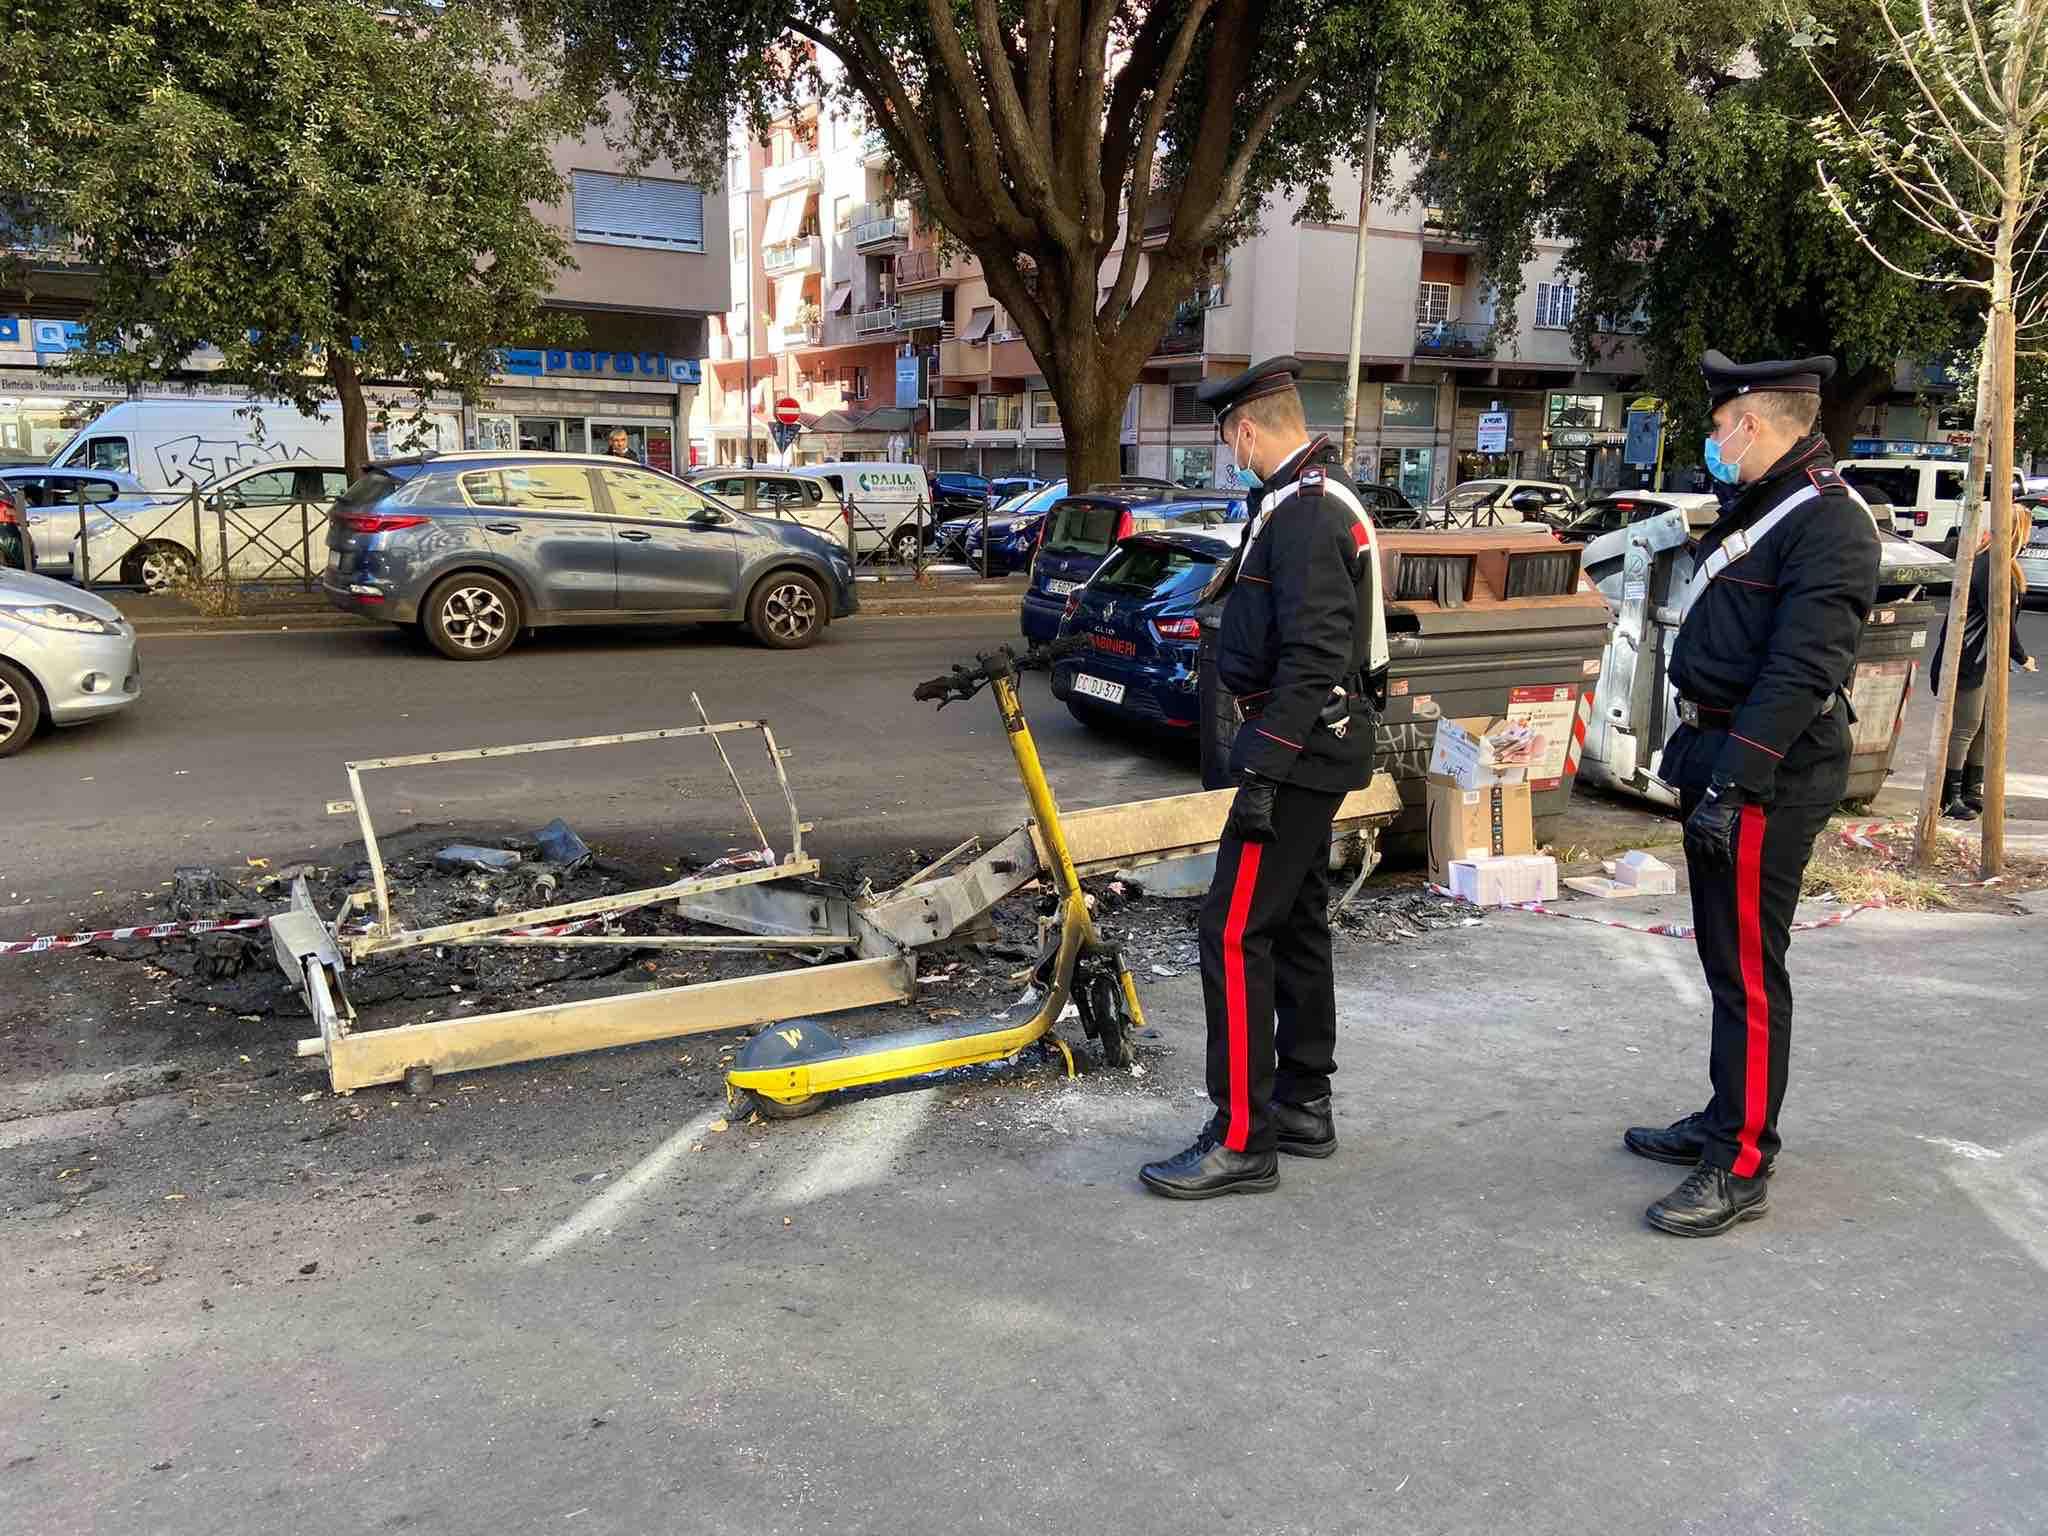 Marconi: incendia cassonetti dei rifiuti. Carabinieri arrestano piromane 1